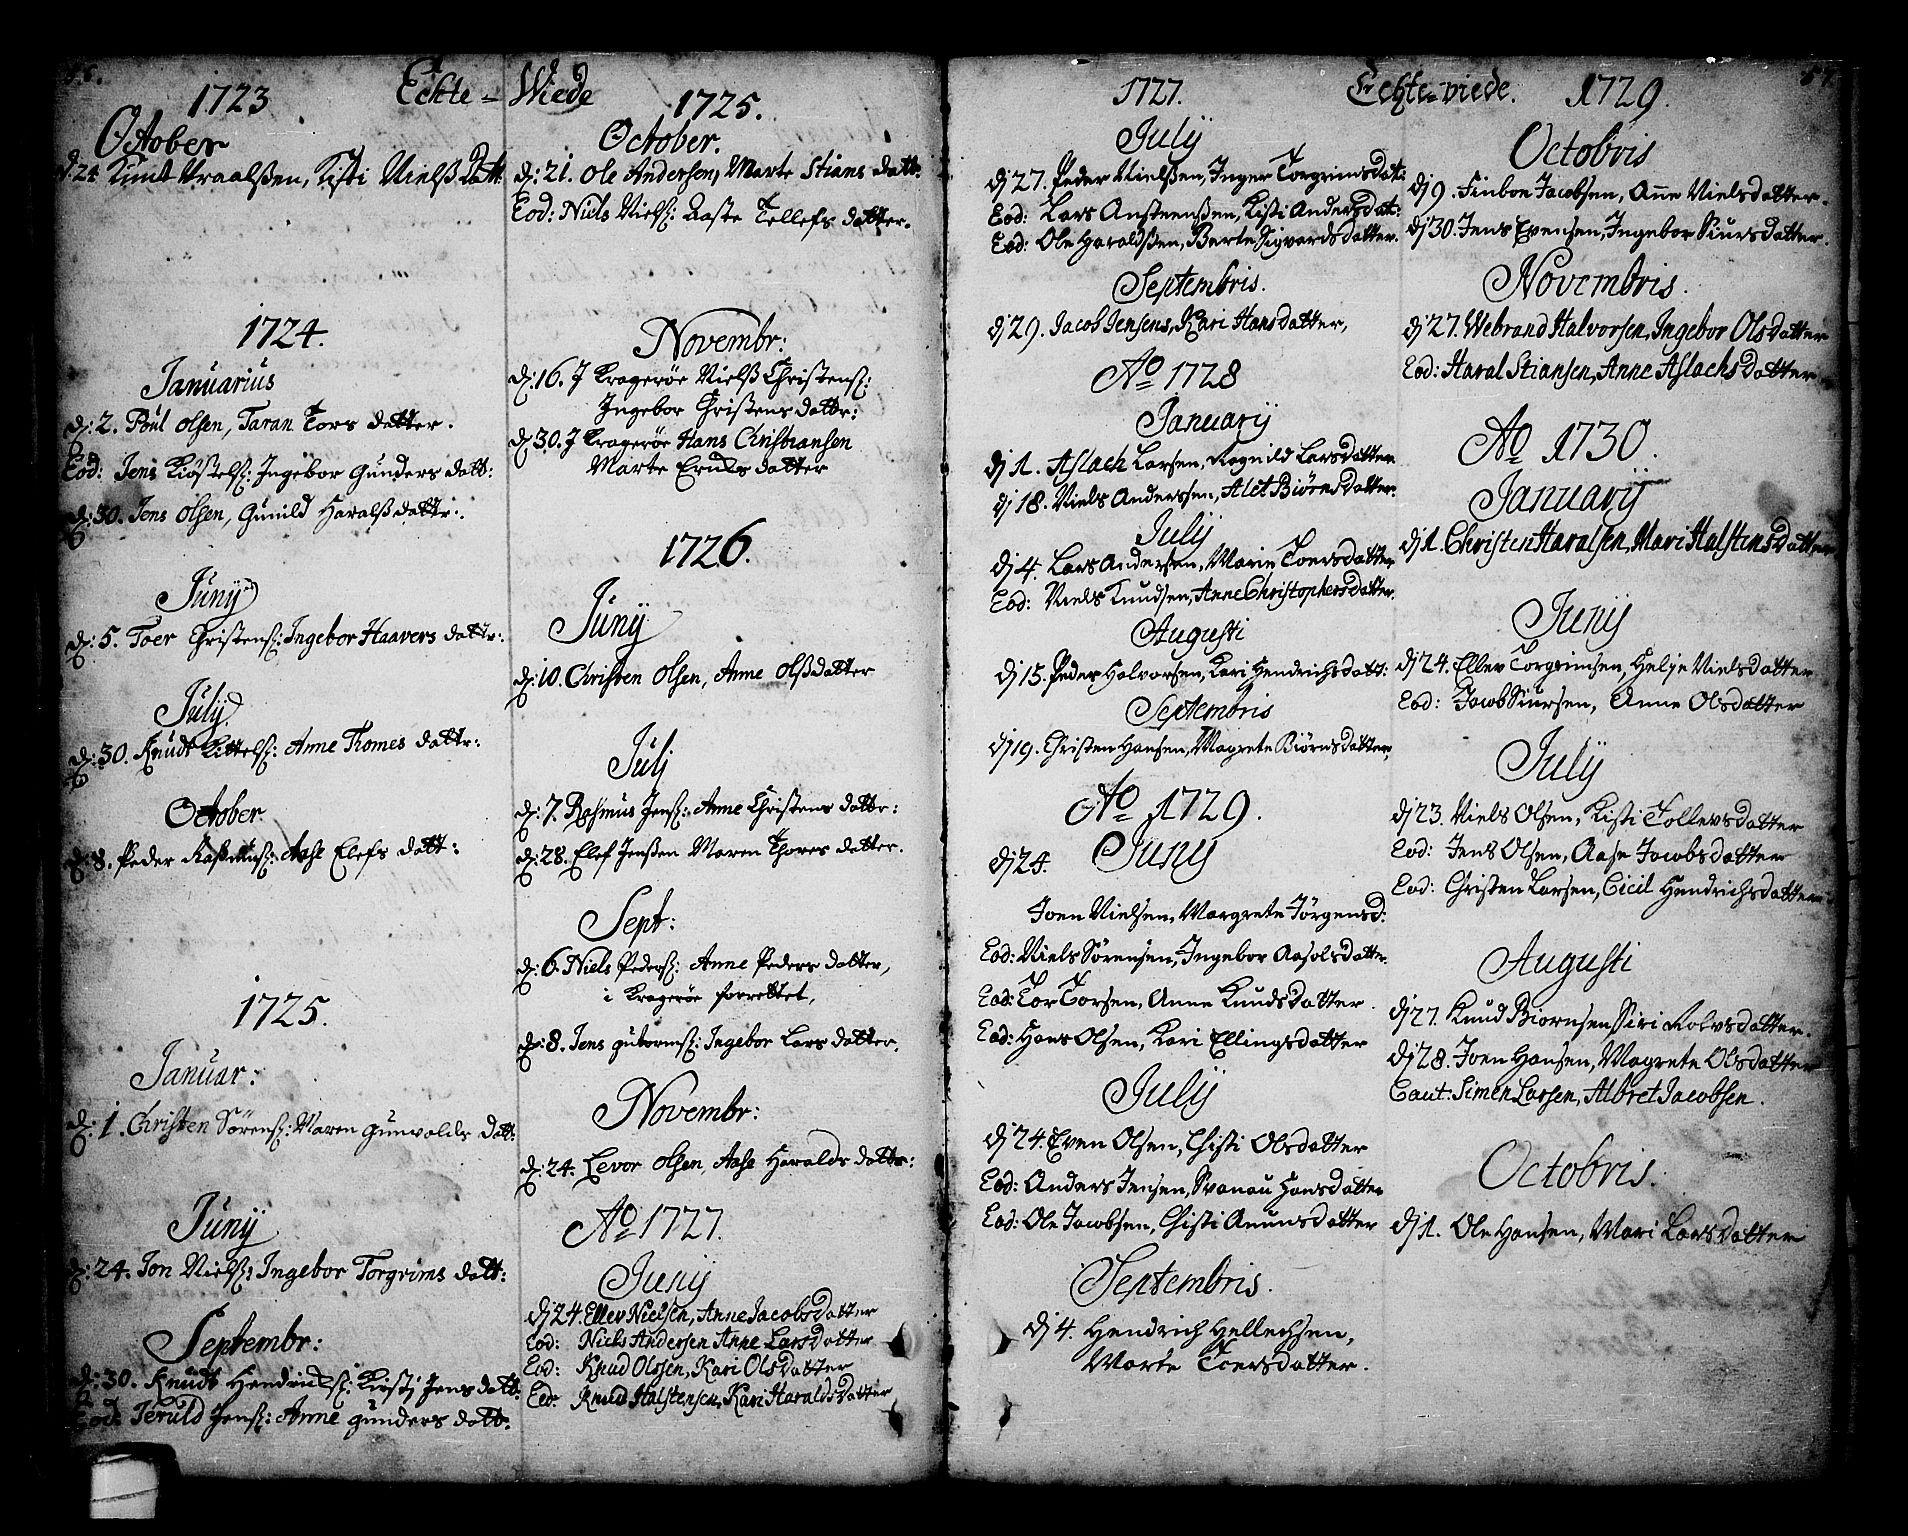 SAKO, Sannidal kirkebøker, F/Fa/L0001: Ministerialbok nr. 1, 1702-1766, s. 56-57